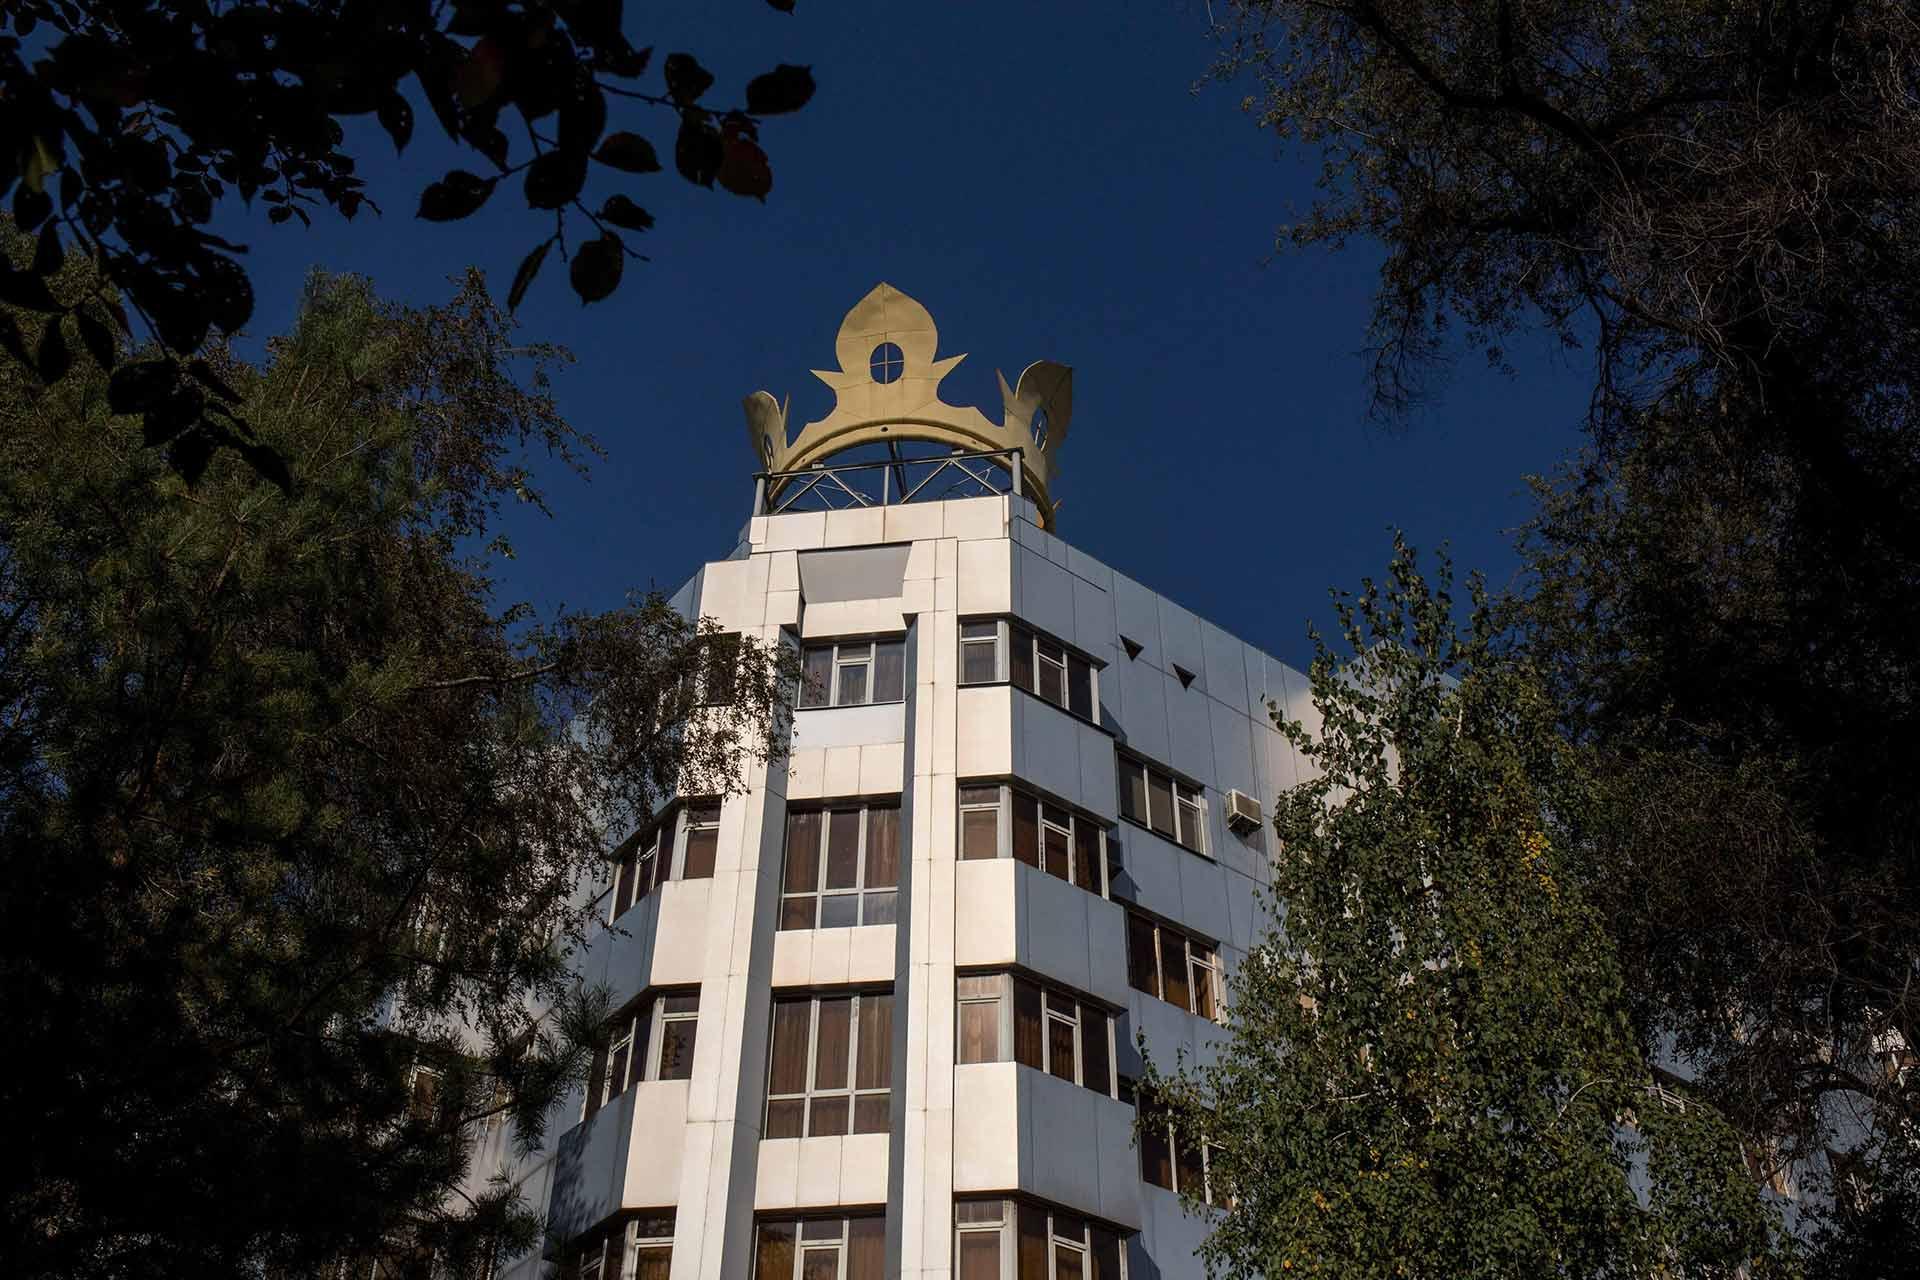 Осужденный и оштрафованный на 2 млрд сомов Матраимов приобрел еще один пентхаус в Бишкеке